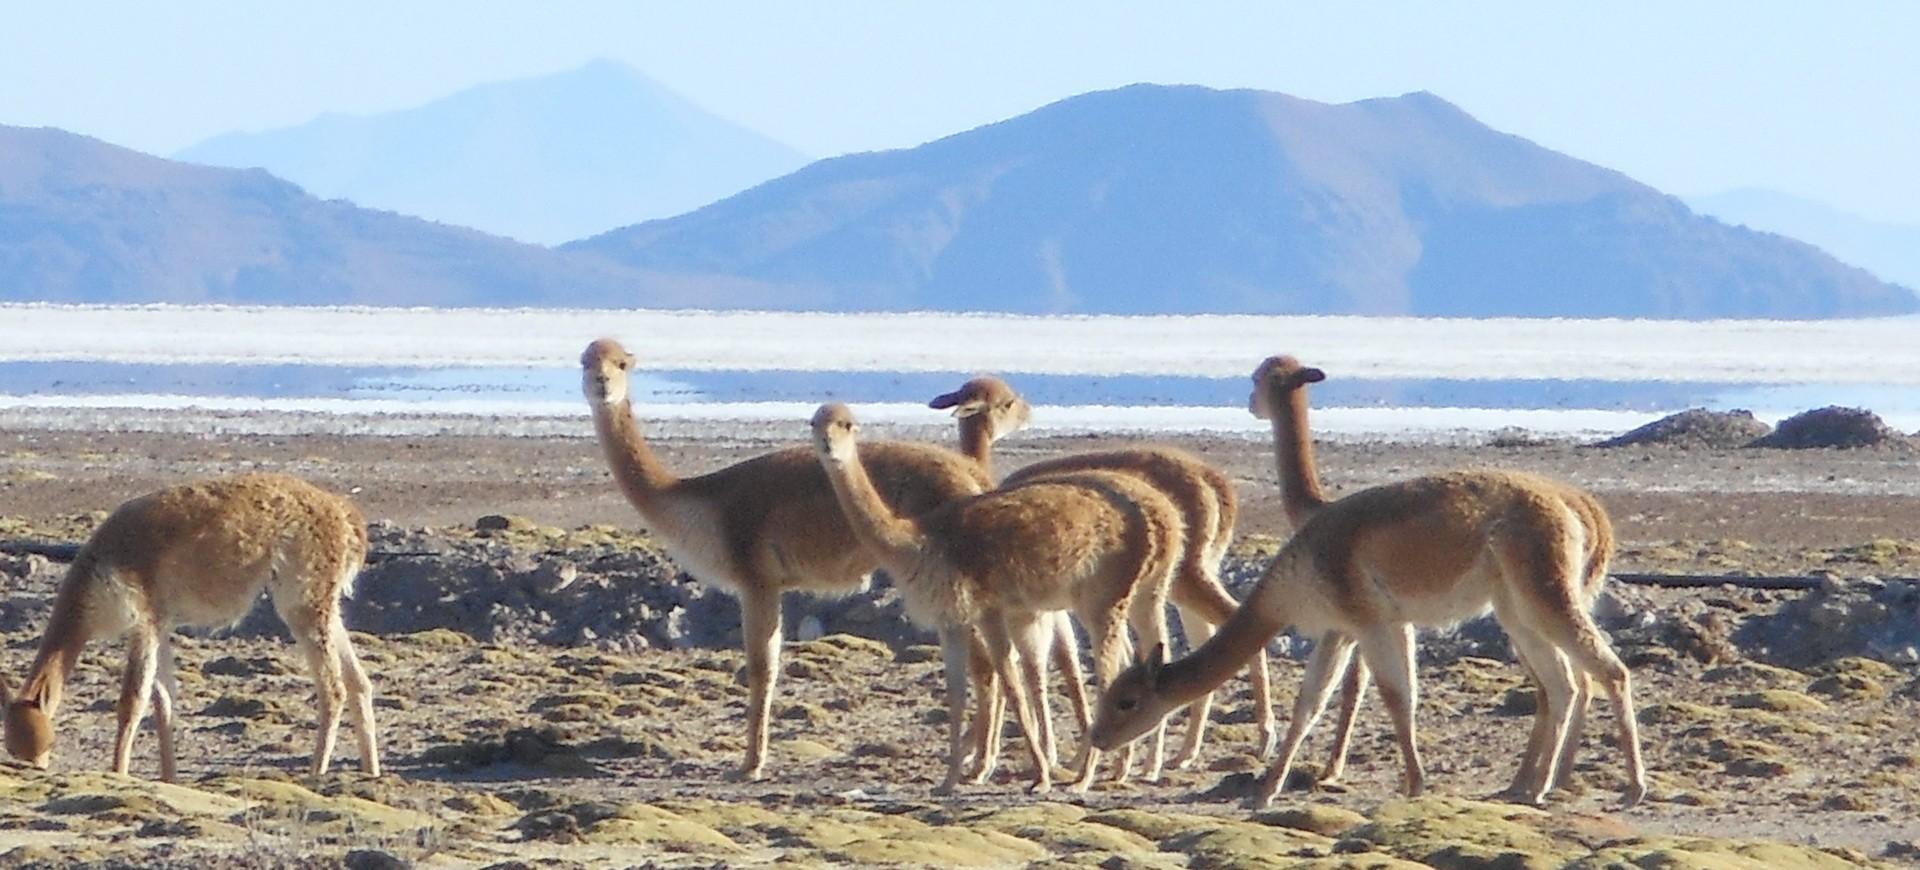 Troupeau de Lamas à Uyuni en Bolivie